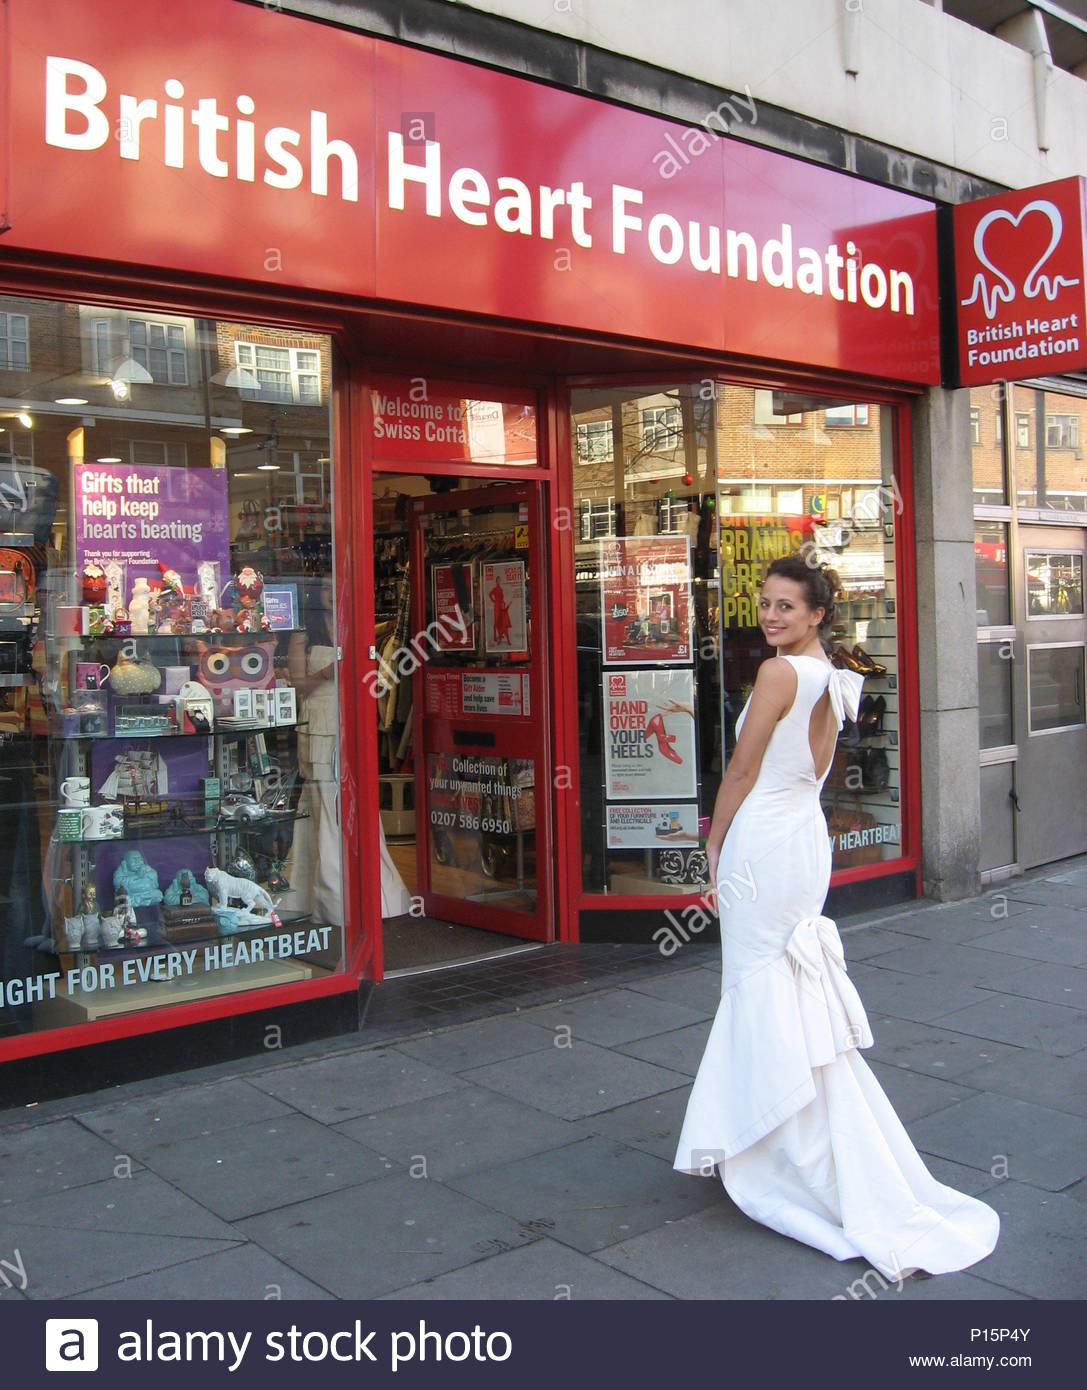 BHF Shop erhält Spende von 30 brandneue Designer Brautkleider. Die ...